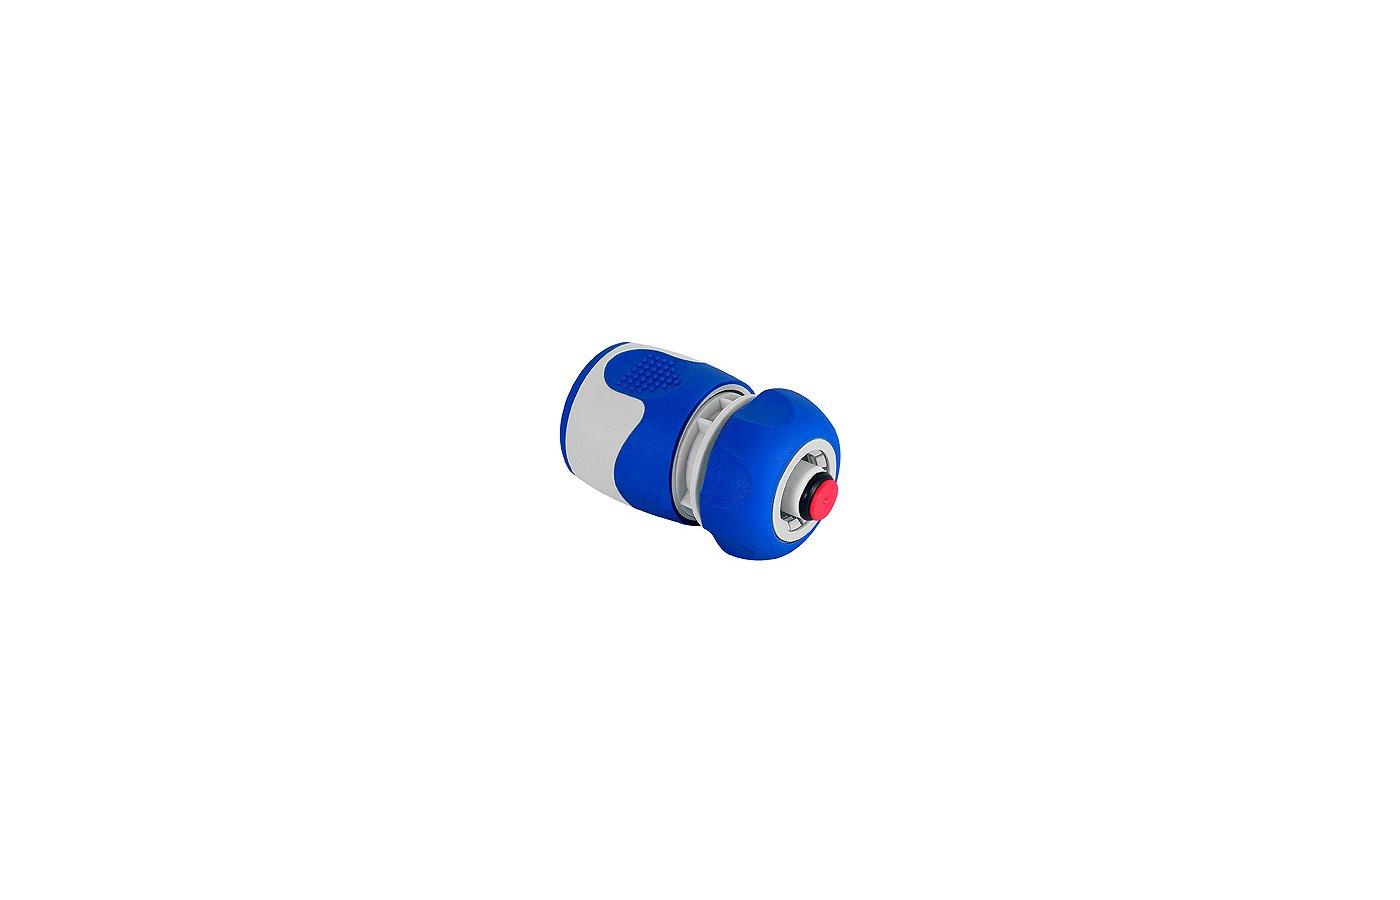 Соединитель GREEN APPLE GWHC20-058 Коннектор с аквастопом для шланга 12 мм (1/2), пластик, TPR